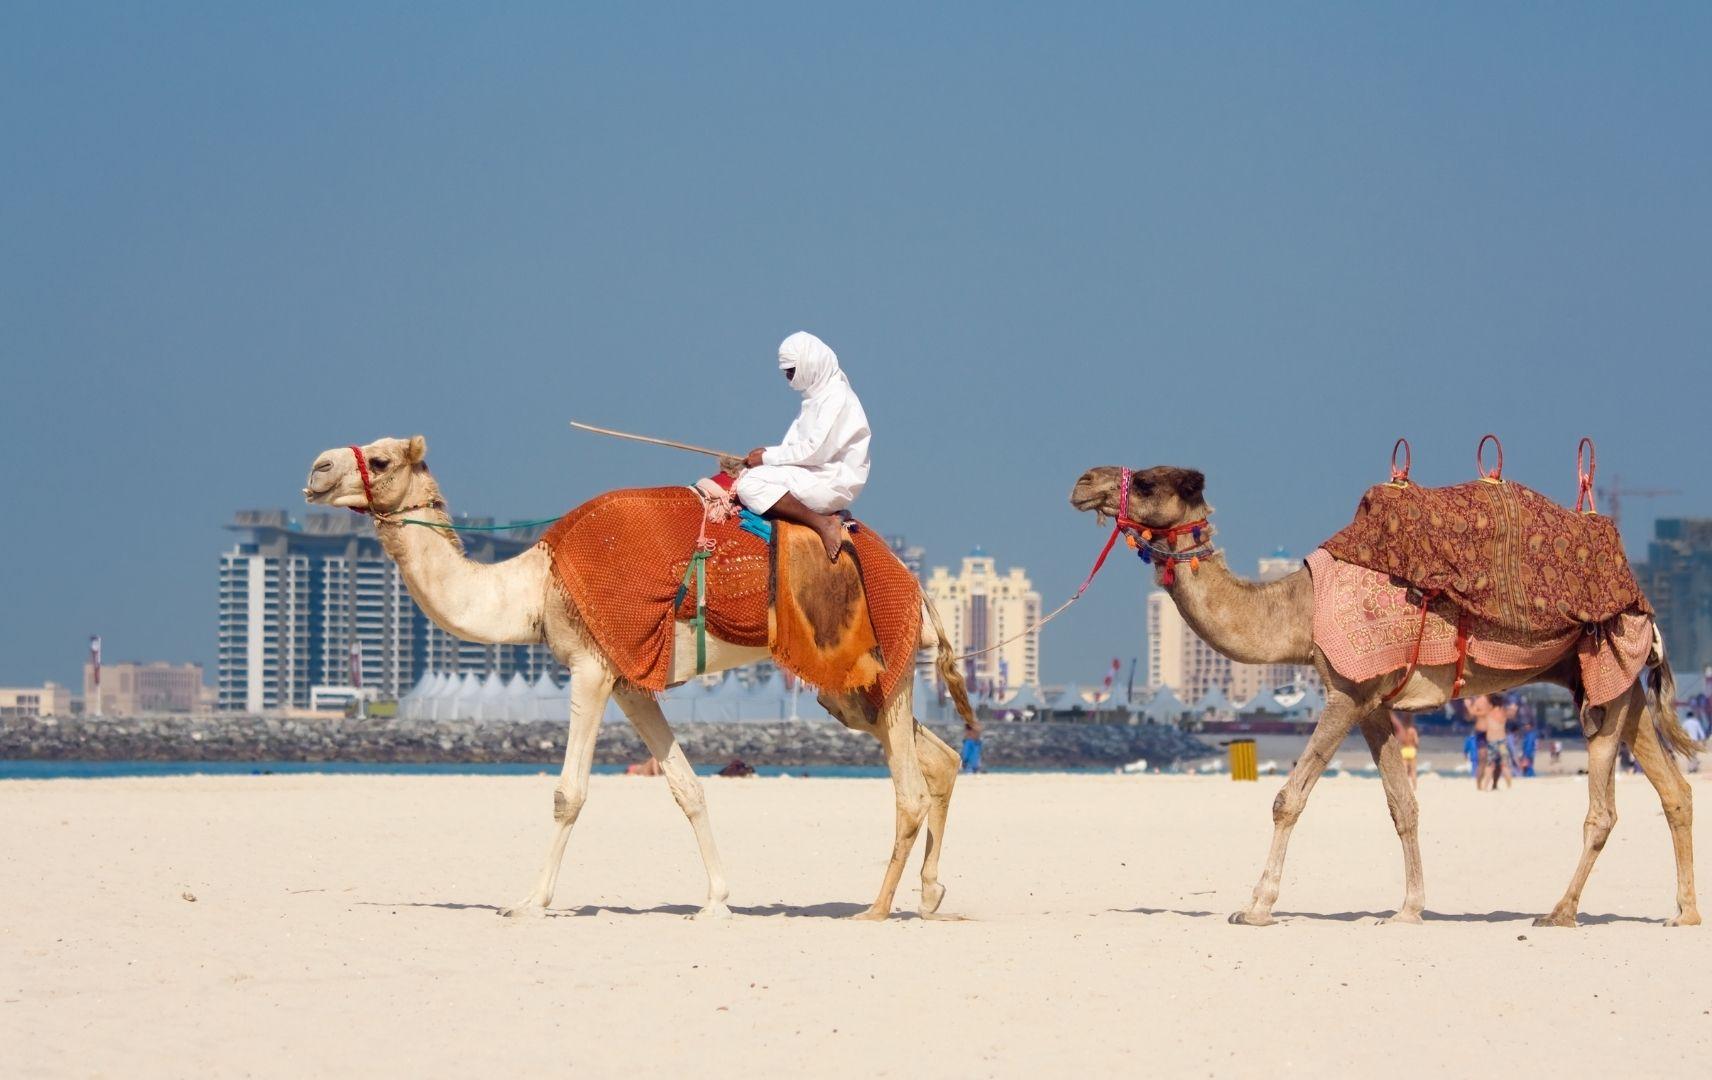 Dubai Kamelreiter